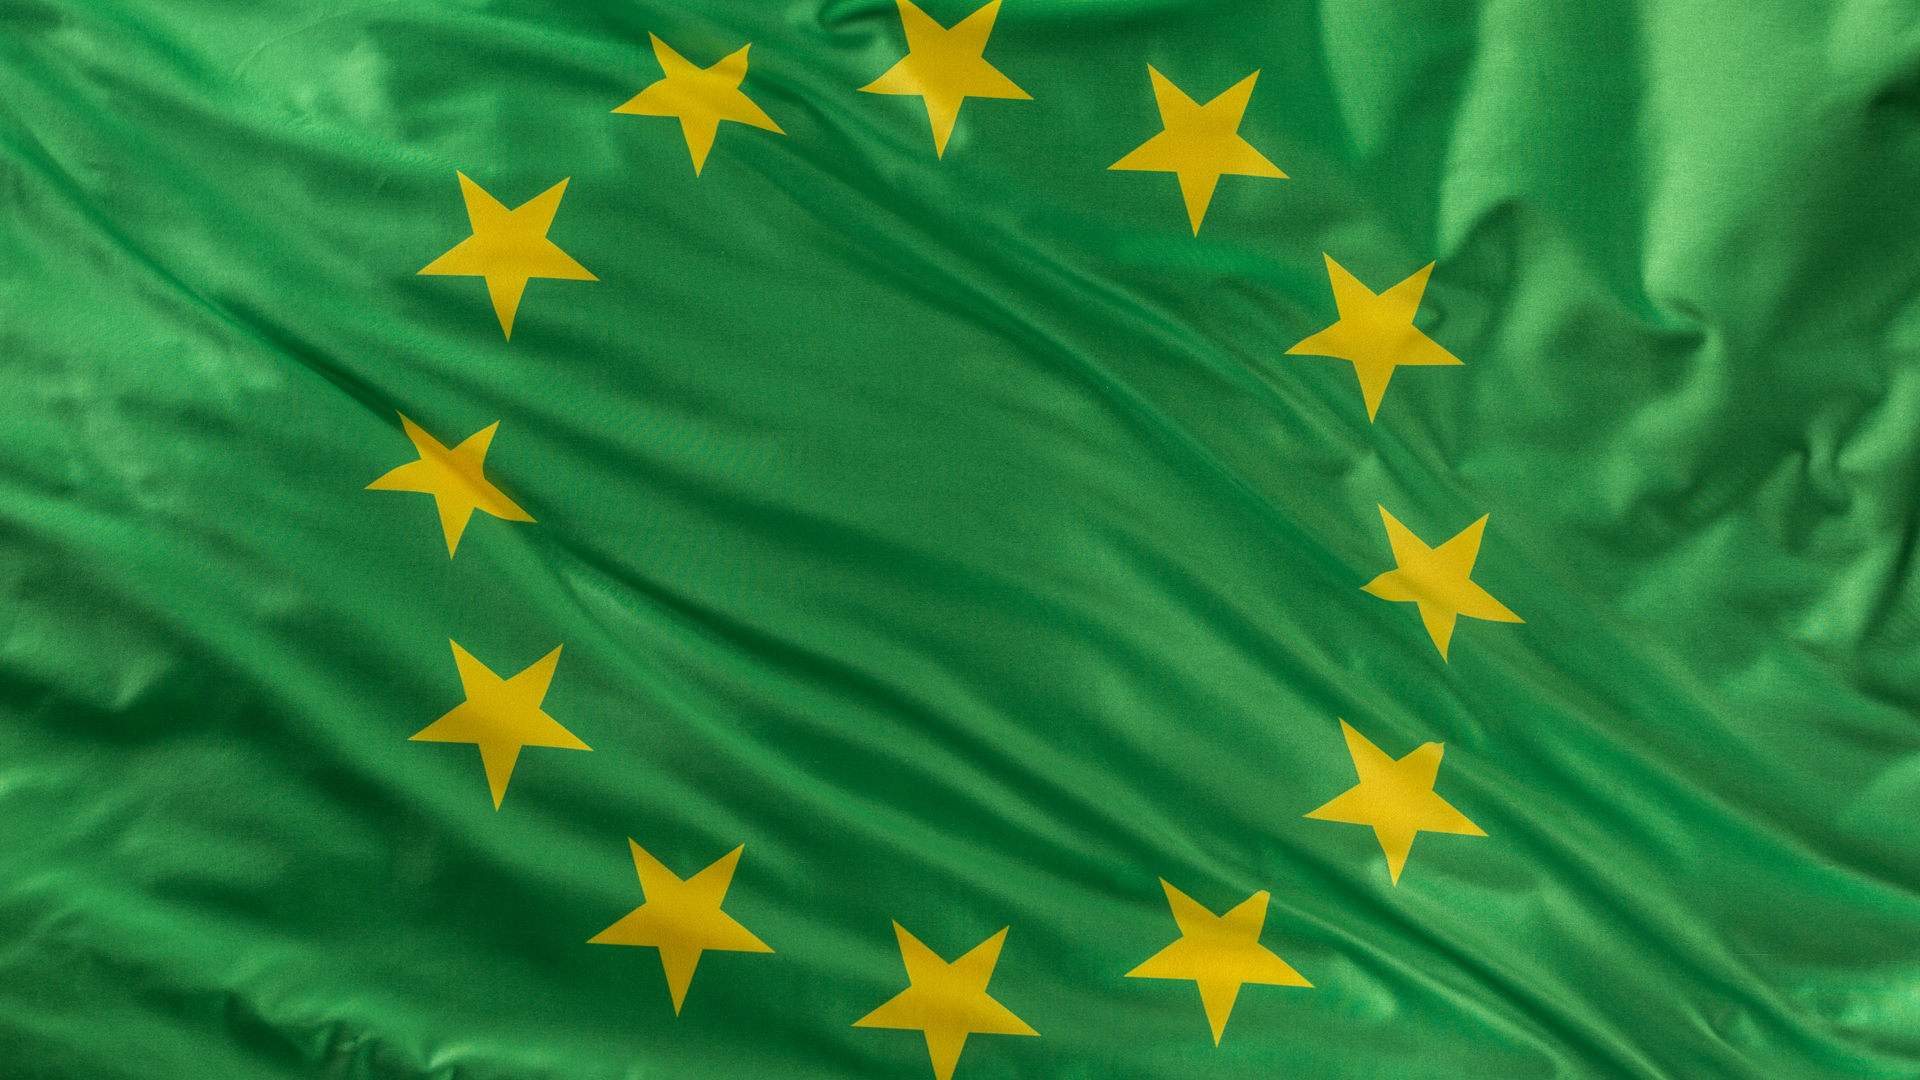 България може да спечели от Зелената сделка - Труд